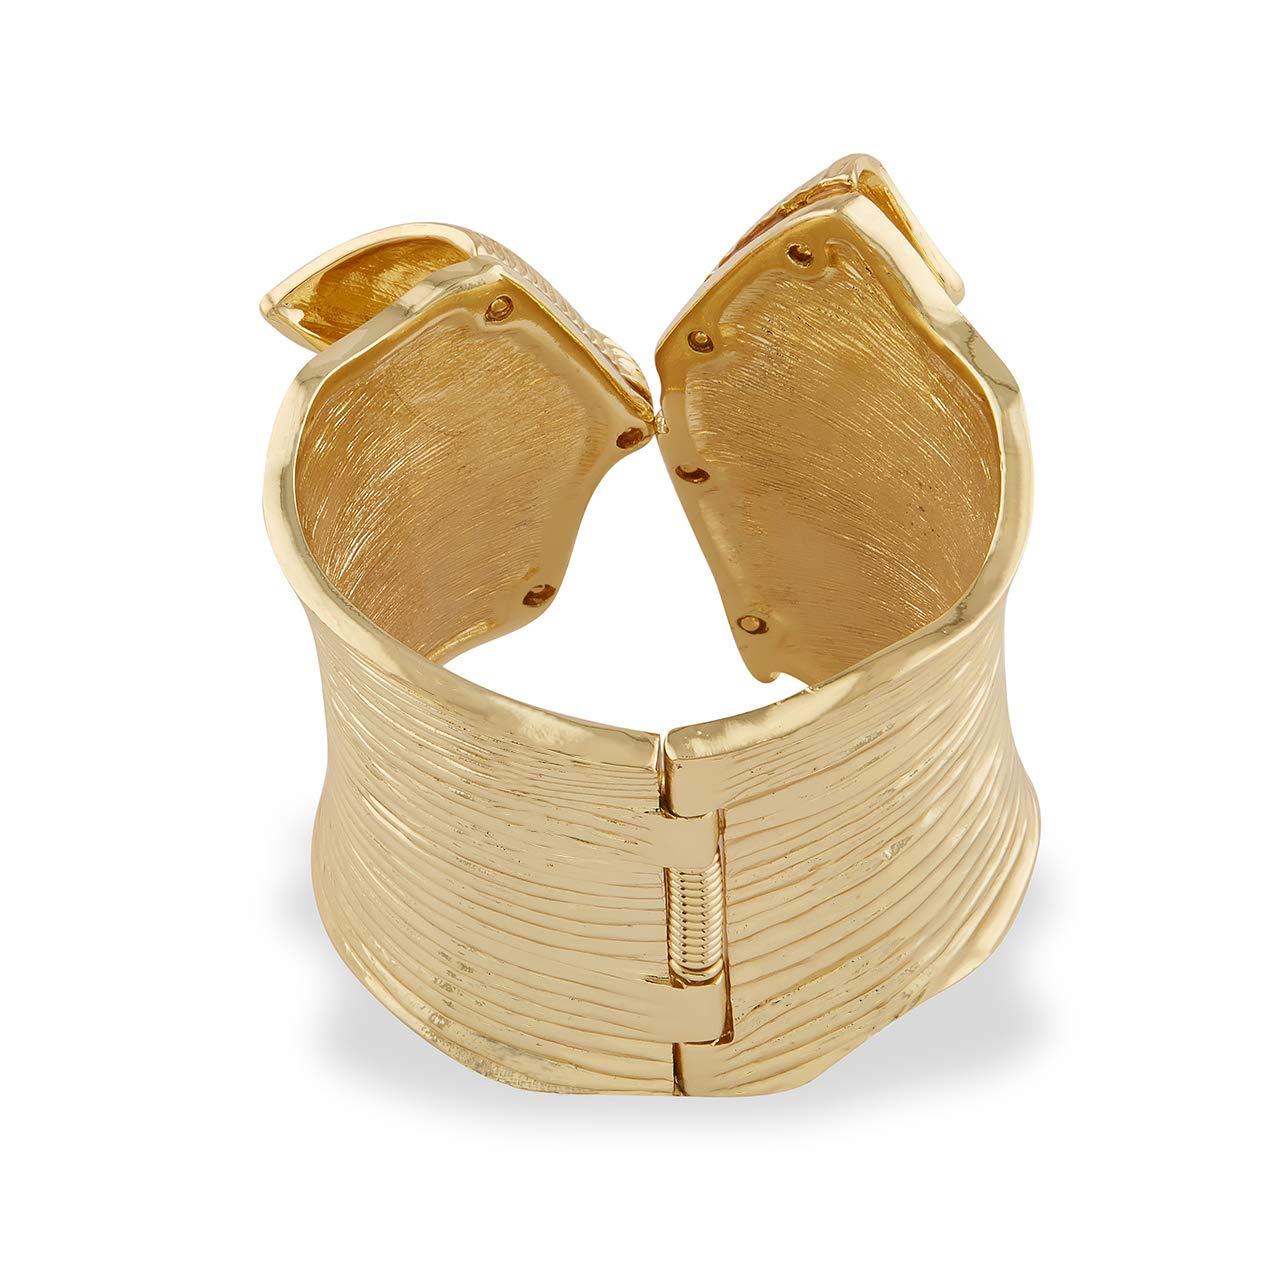 shaze The Vigour Bracelet|Bracelet for Girls Stylish|Bracelets for Women Stylish|Bangles for Women